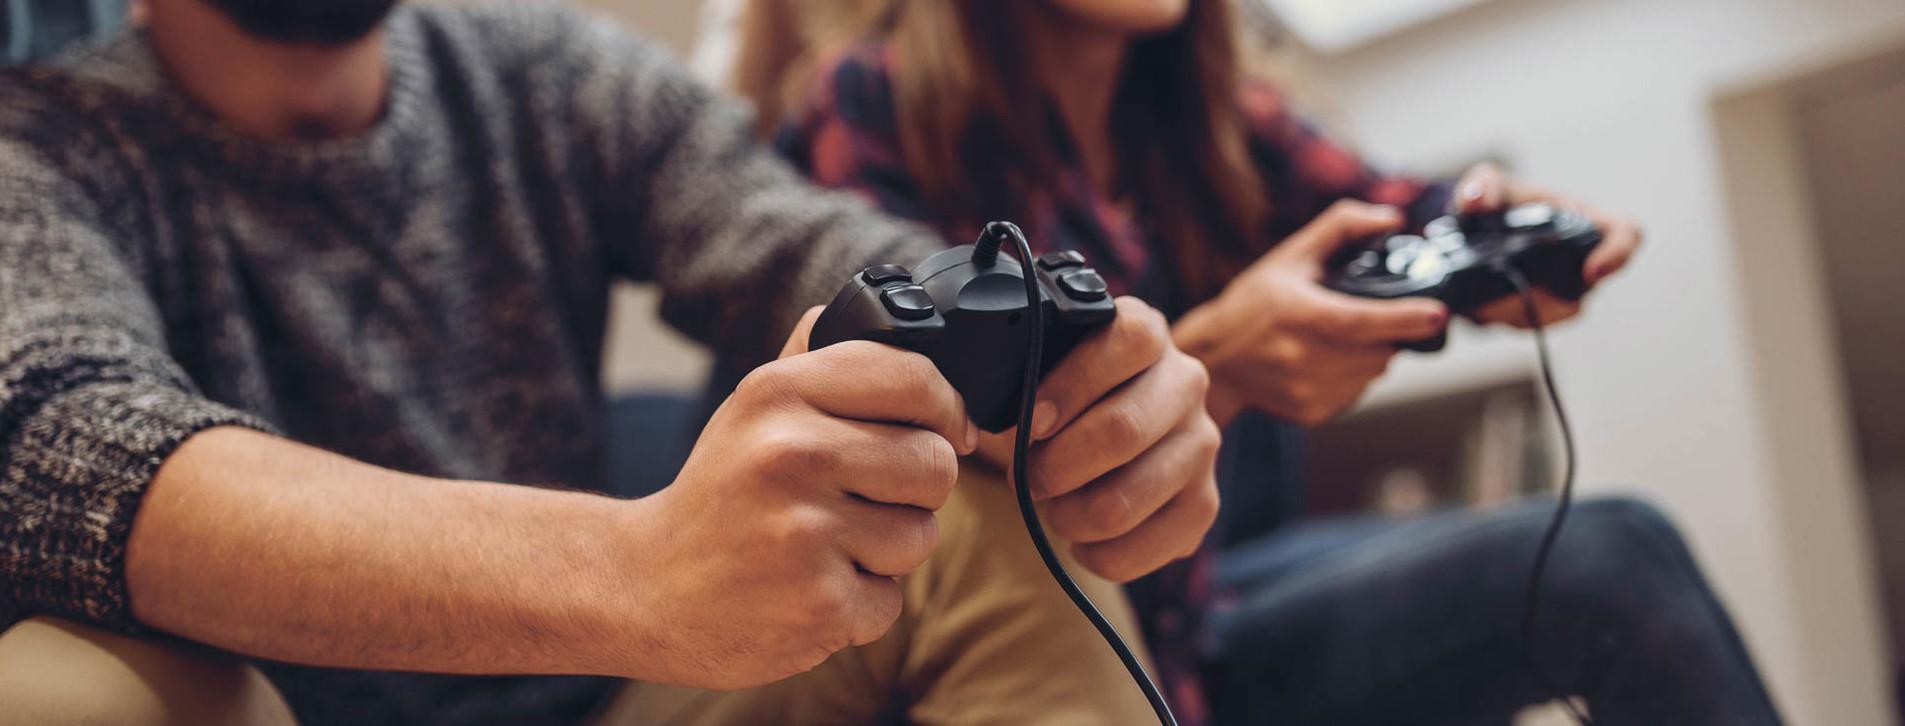 Фото 1 - Playstation в кинотеатре